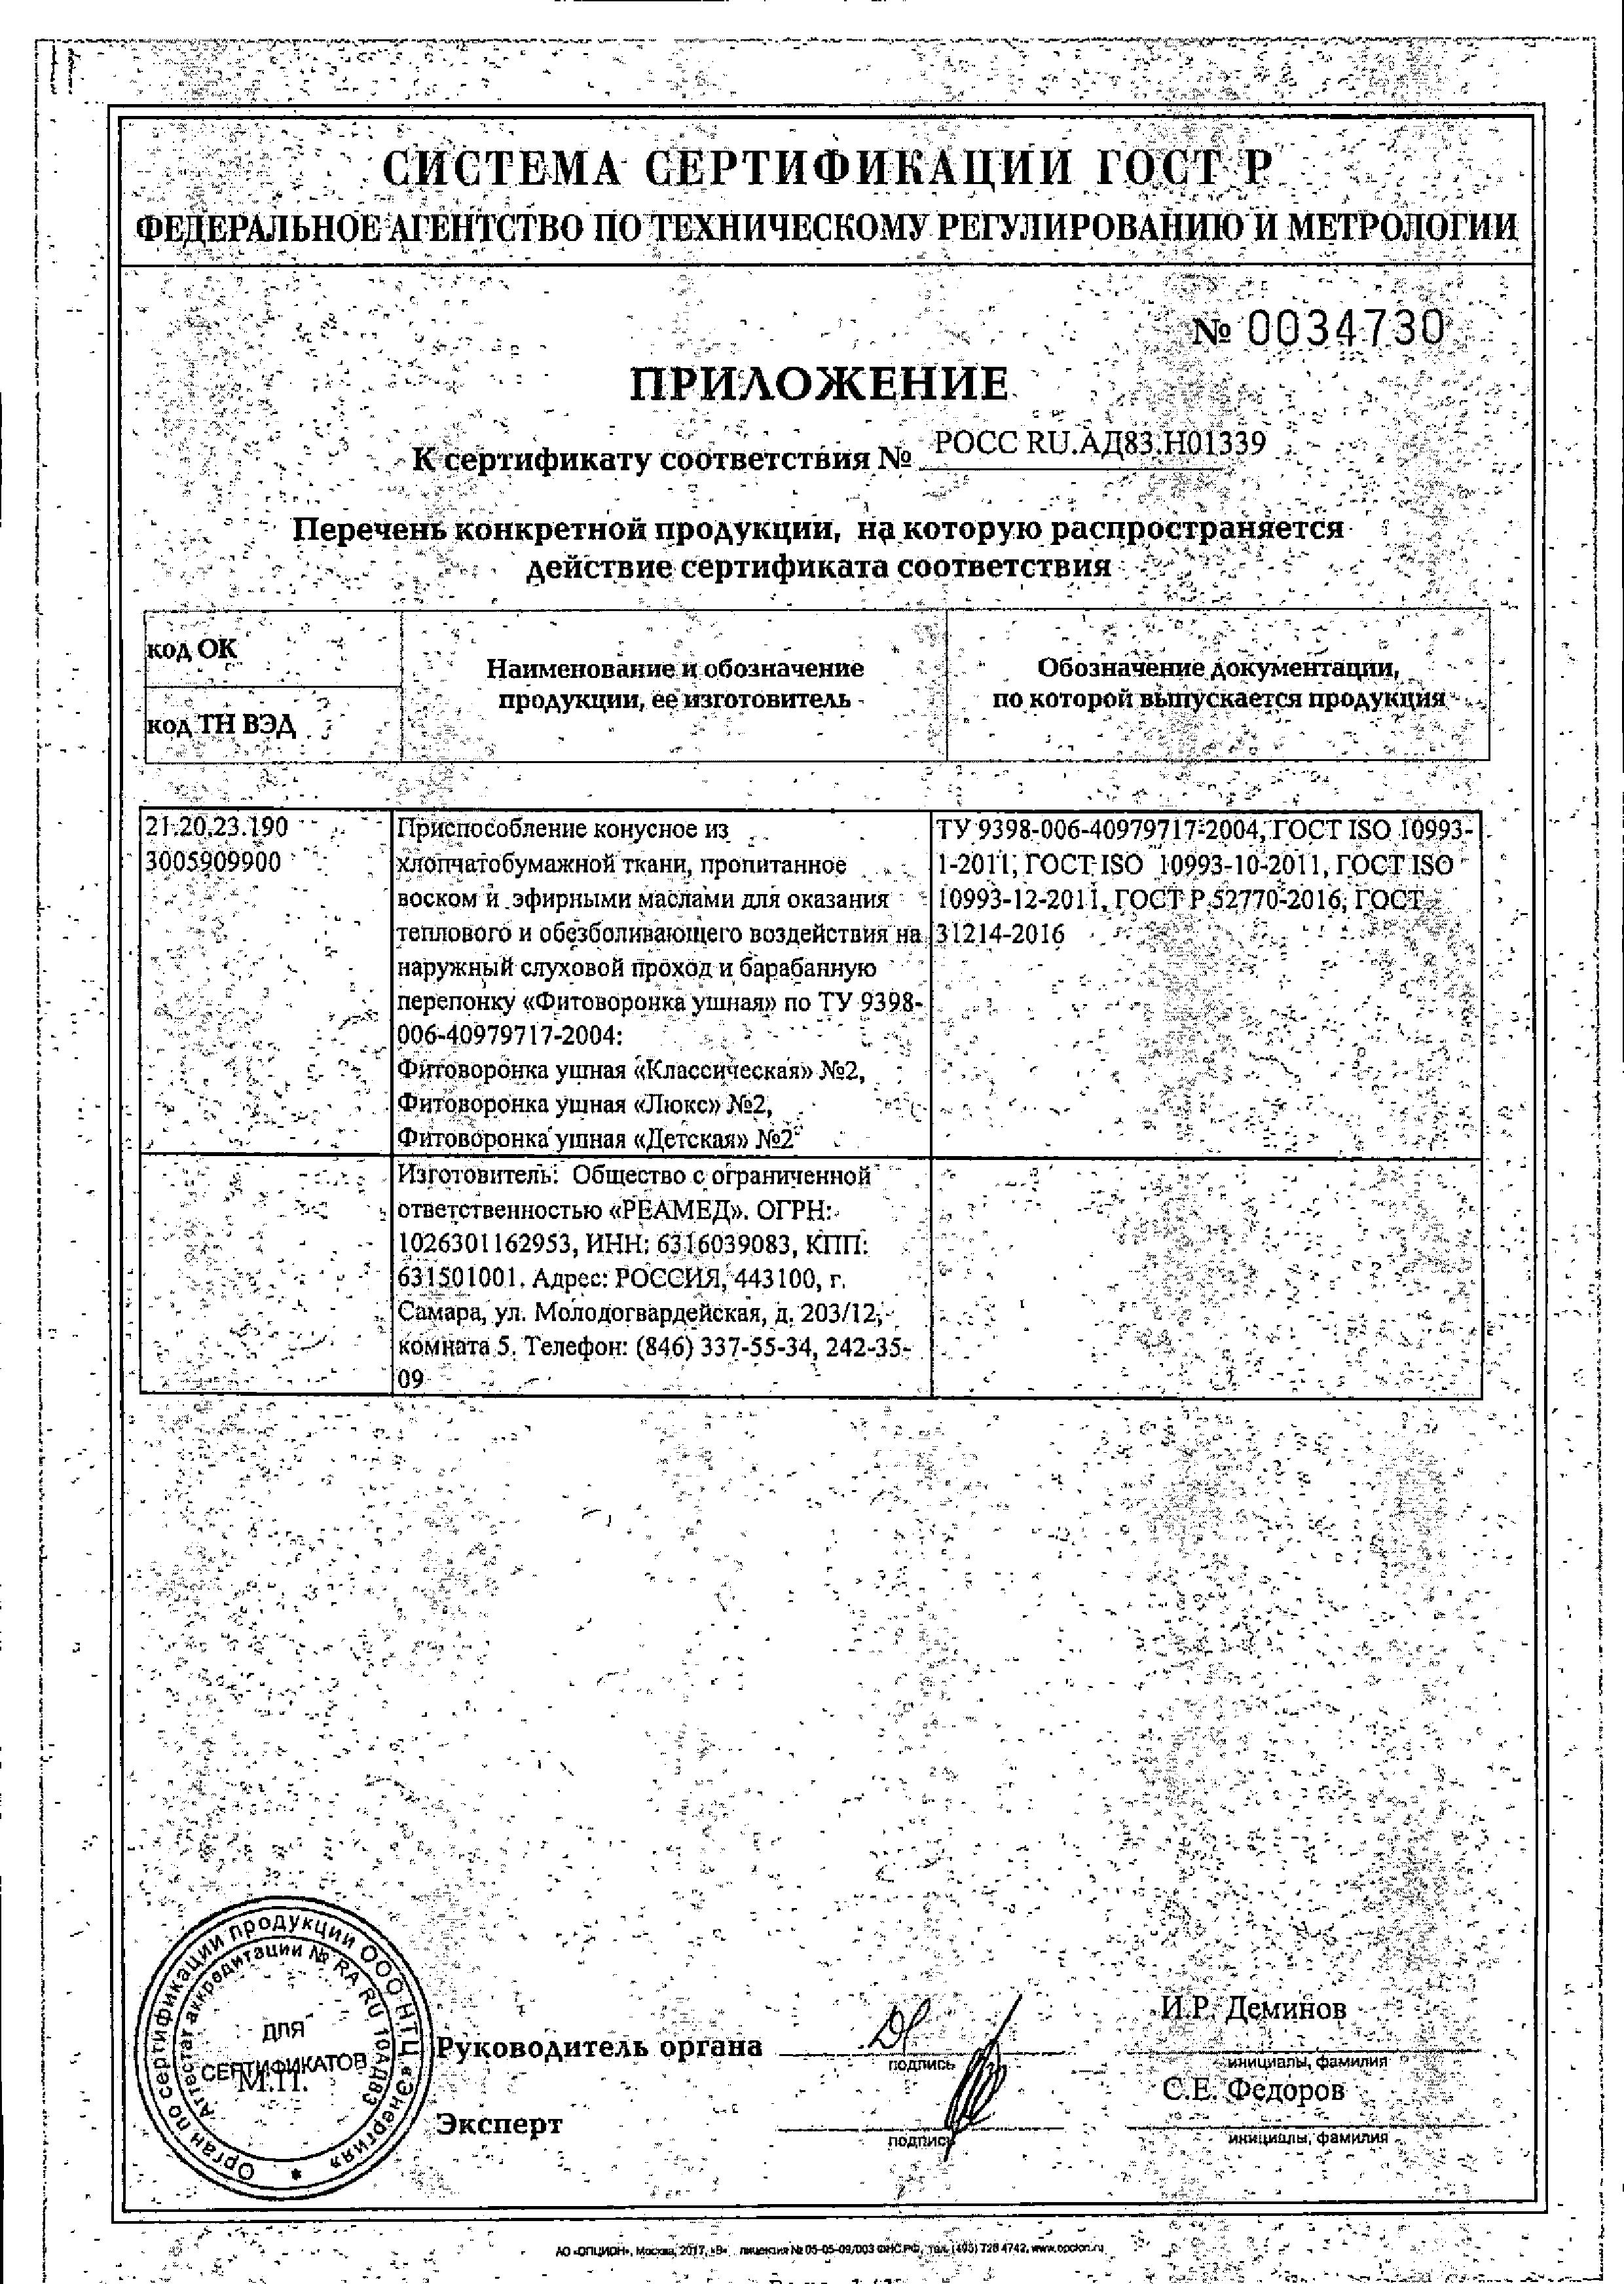 Витатека Фитоворонка ушная Люкс сертификат